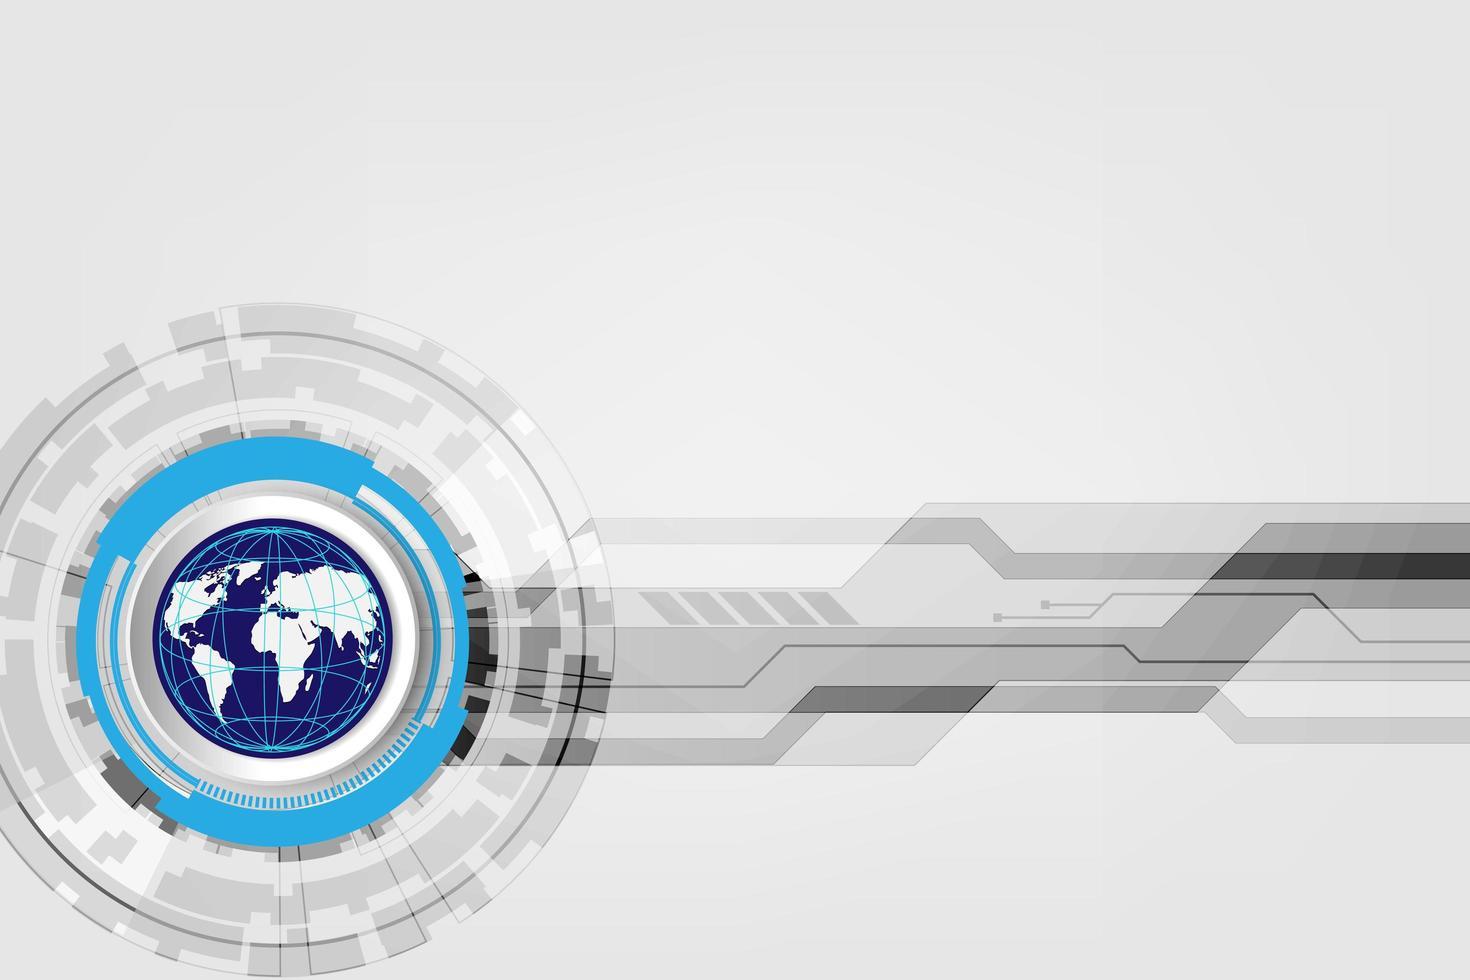 concetto di tecnologia globale digitale, sfondo astratto vettore